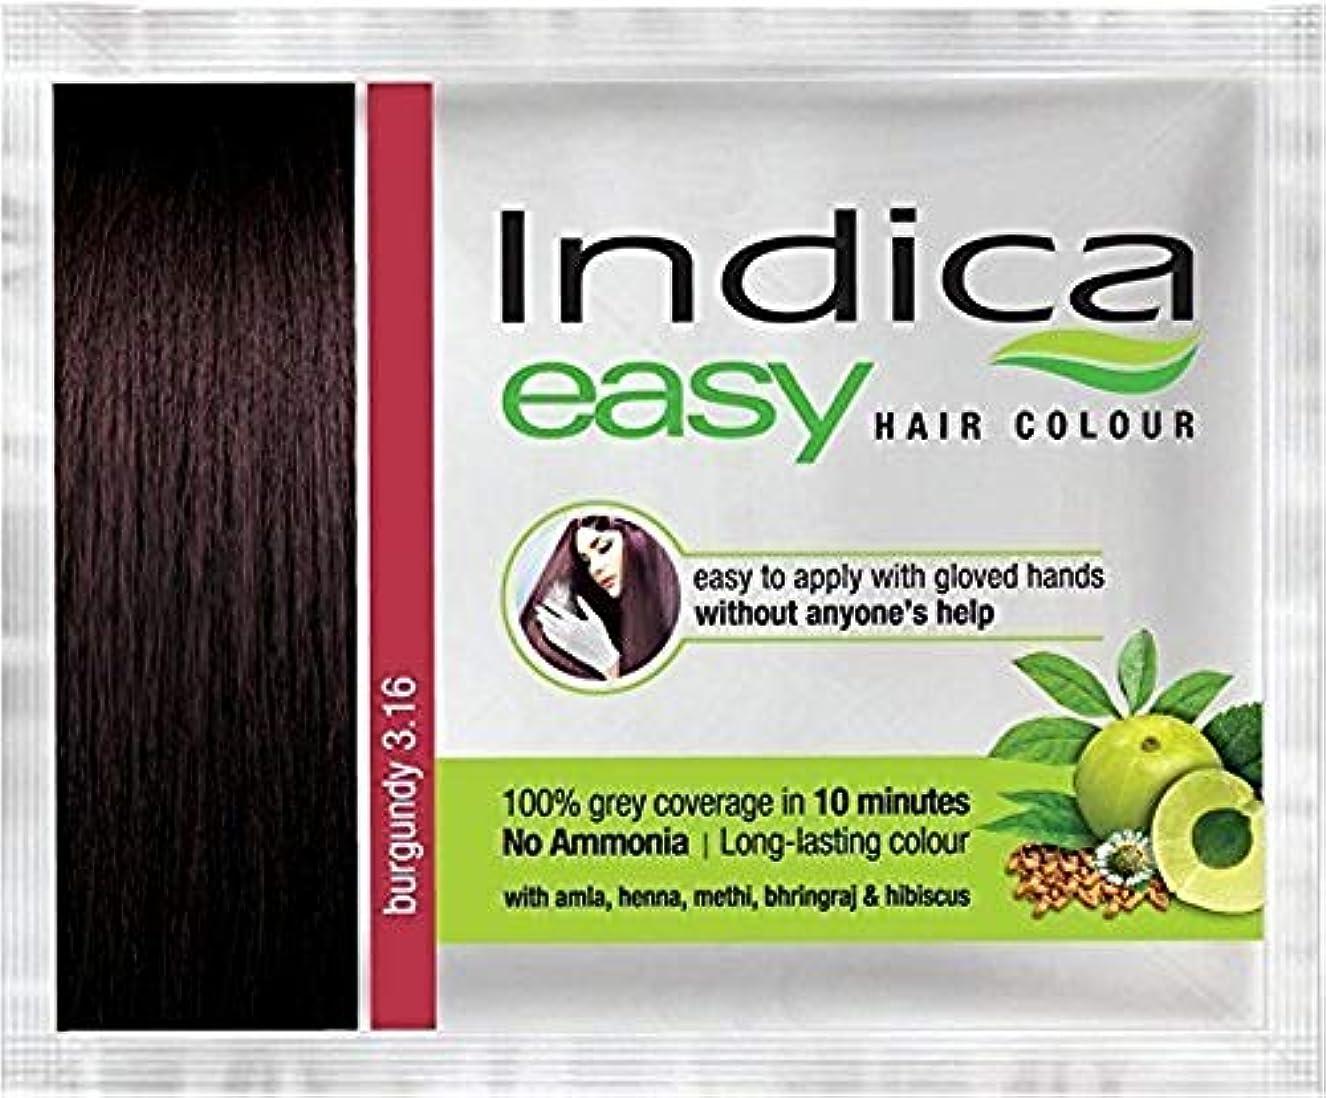 さらに潮ハウジングNexxa 6Pc Indica Easy10 Minutes Herbal Hair Color Shampoo Base Burgundy Herbs